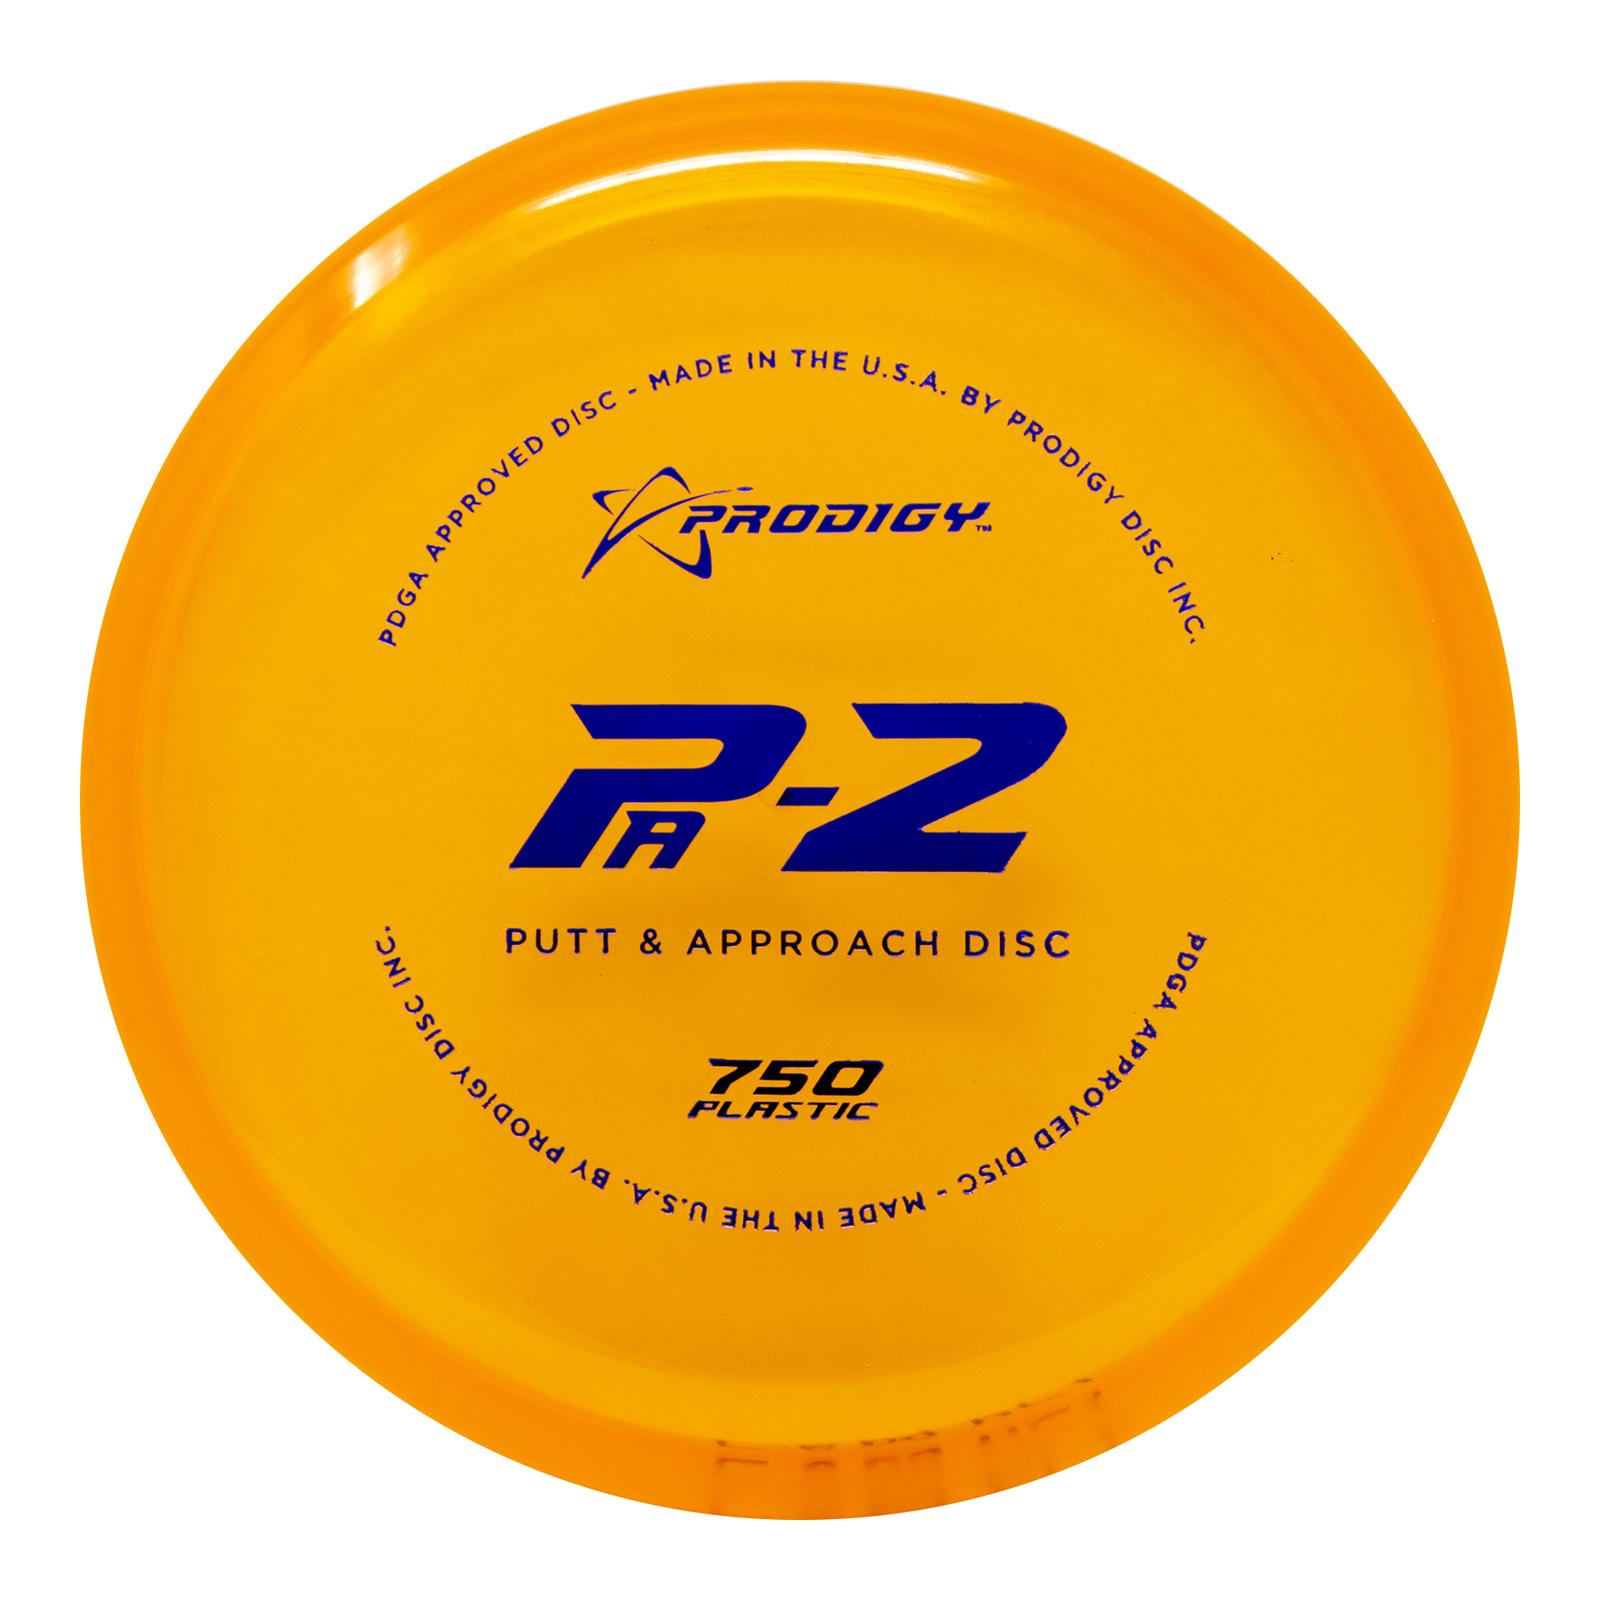 PA-2 - 750 PLASTIC